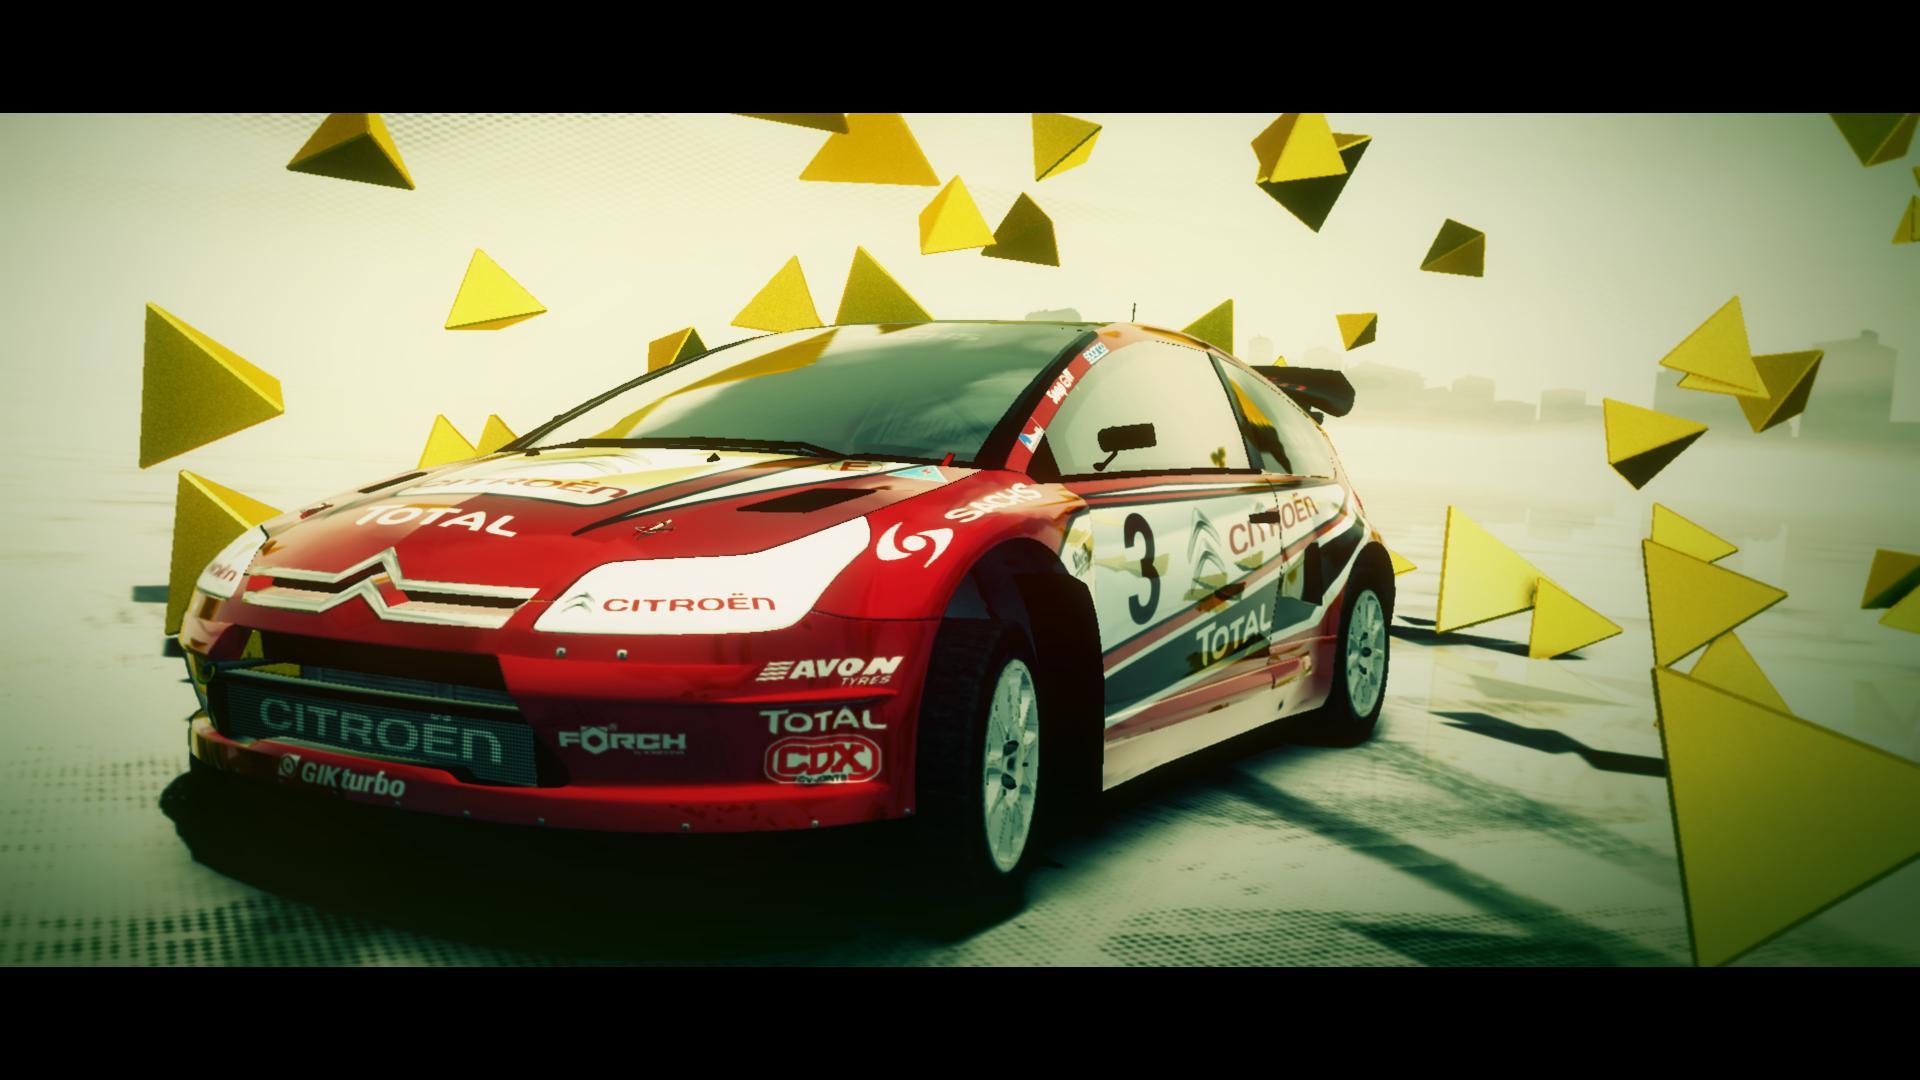 dirt 3 - citroen c4 rallycrossdirt2015 on deviantart